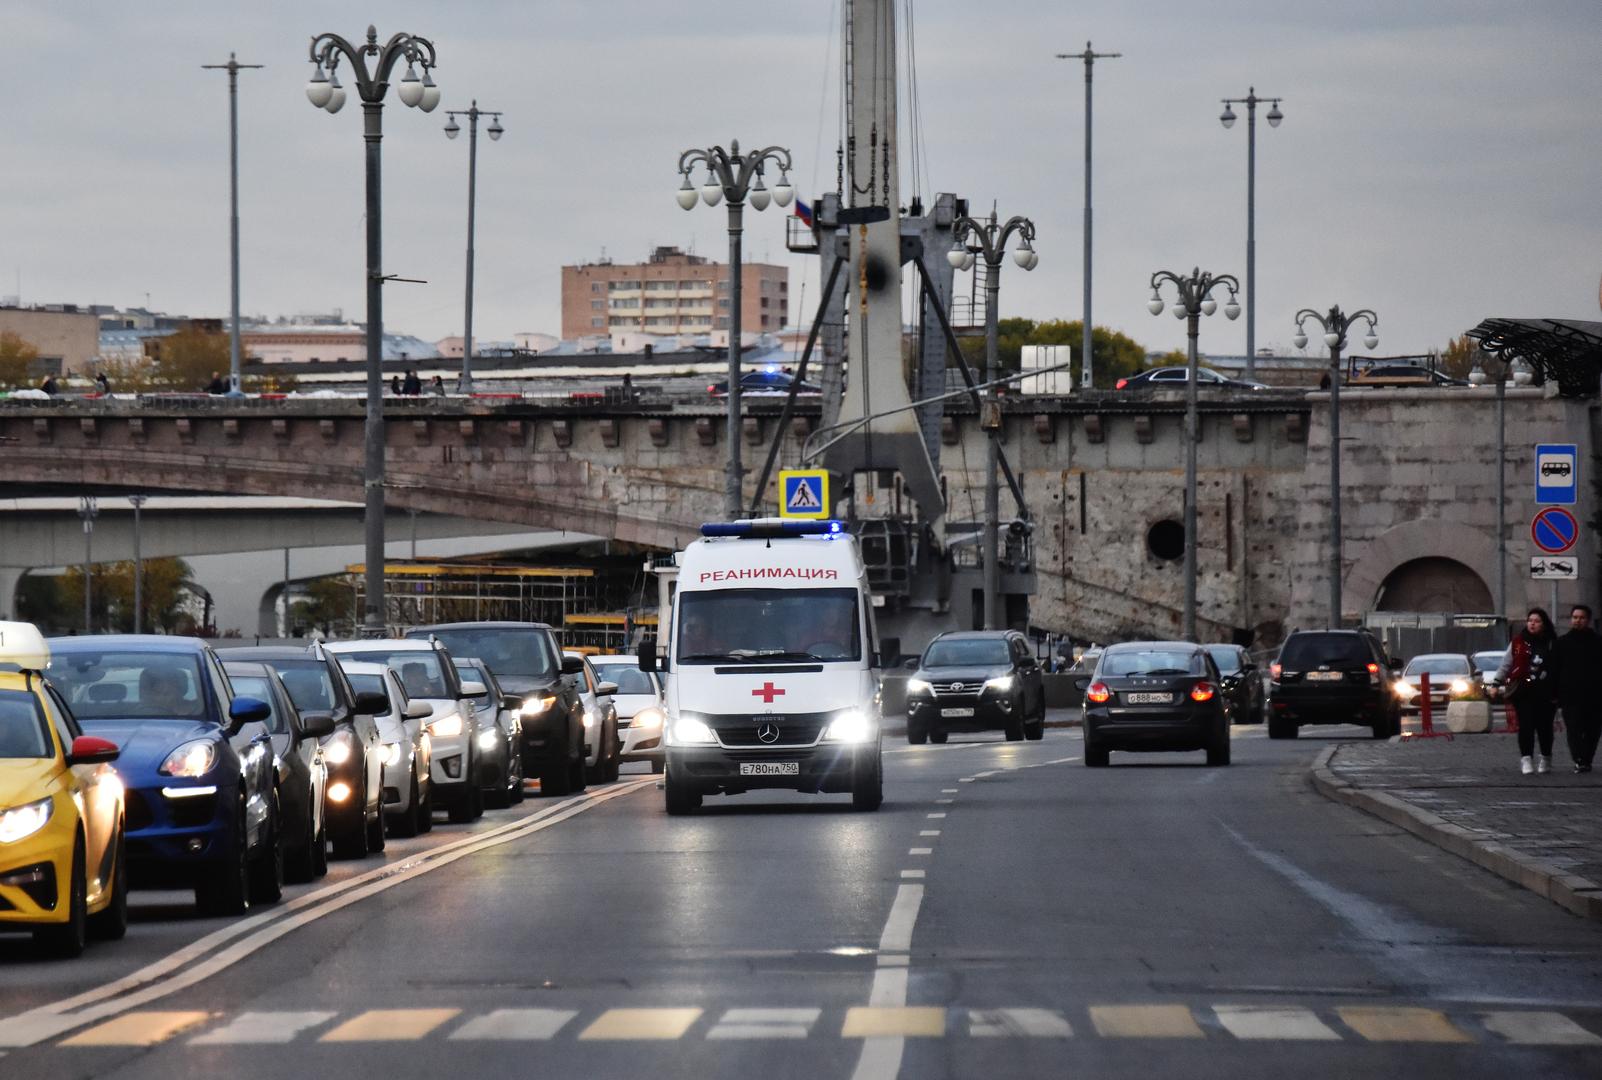 اختراع روسي لتجنب حوادث السير حال تعرض السائق لمشكلة صحية طارئة